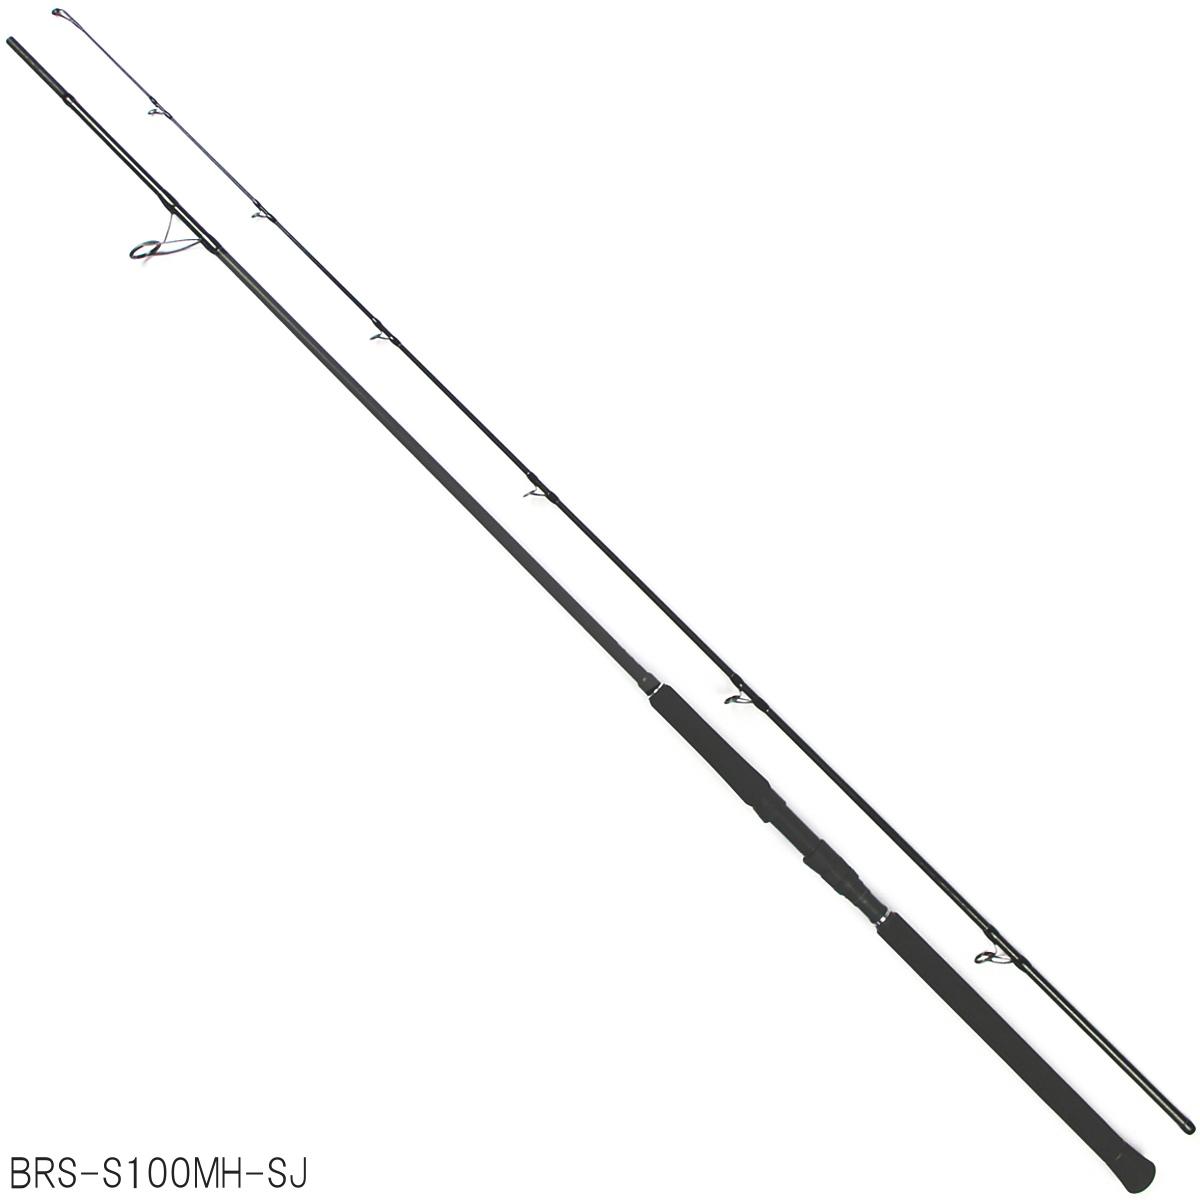 ジャッカル BRS BRS-S100MH-SJ【大型商品】